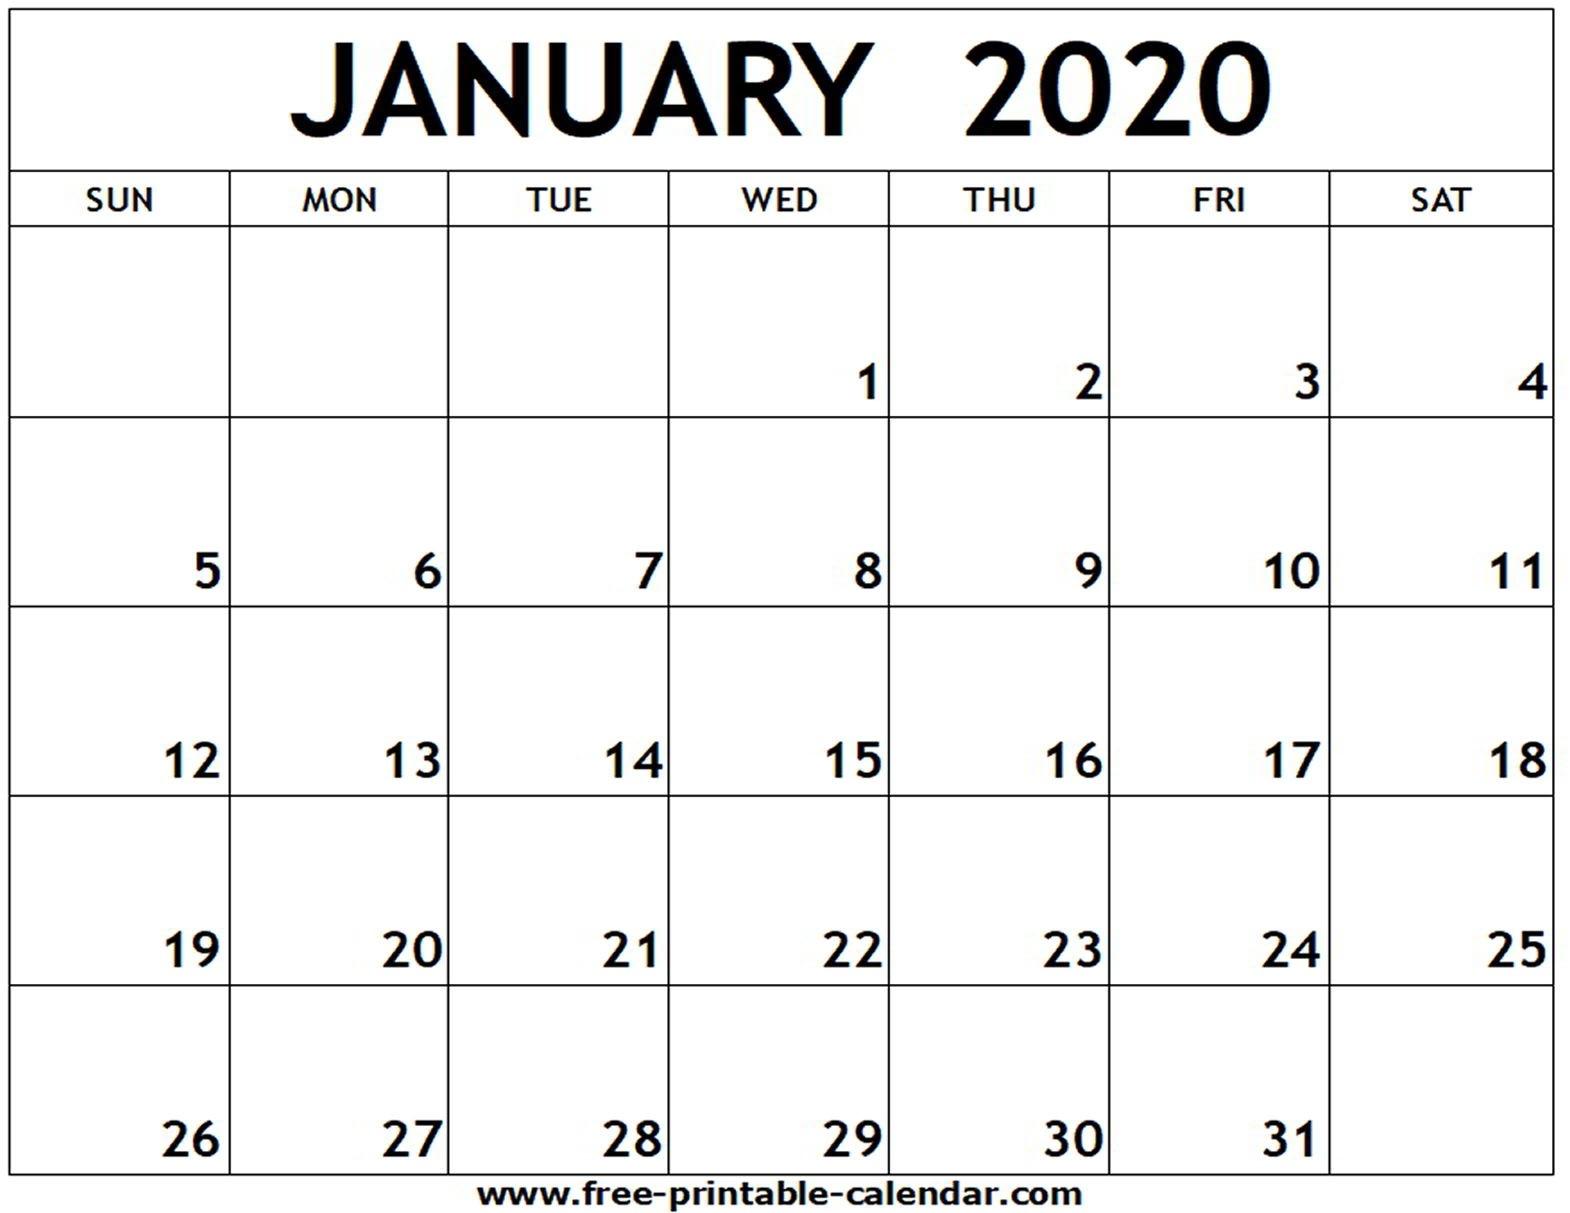 January 2020 Printable Calendar - Free-Printable-Calendar-Blank January 2020 Calendar Printable